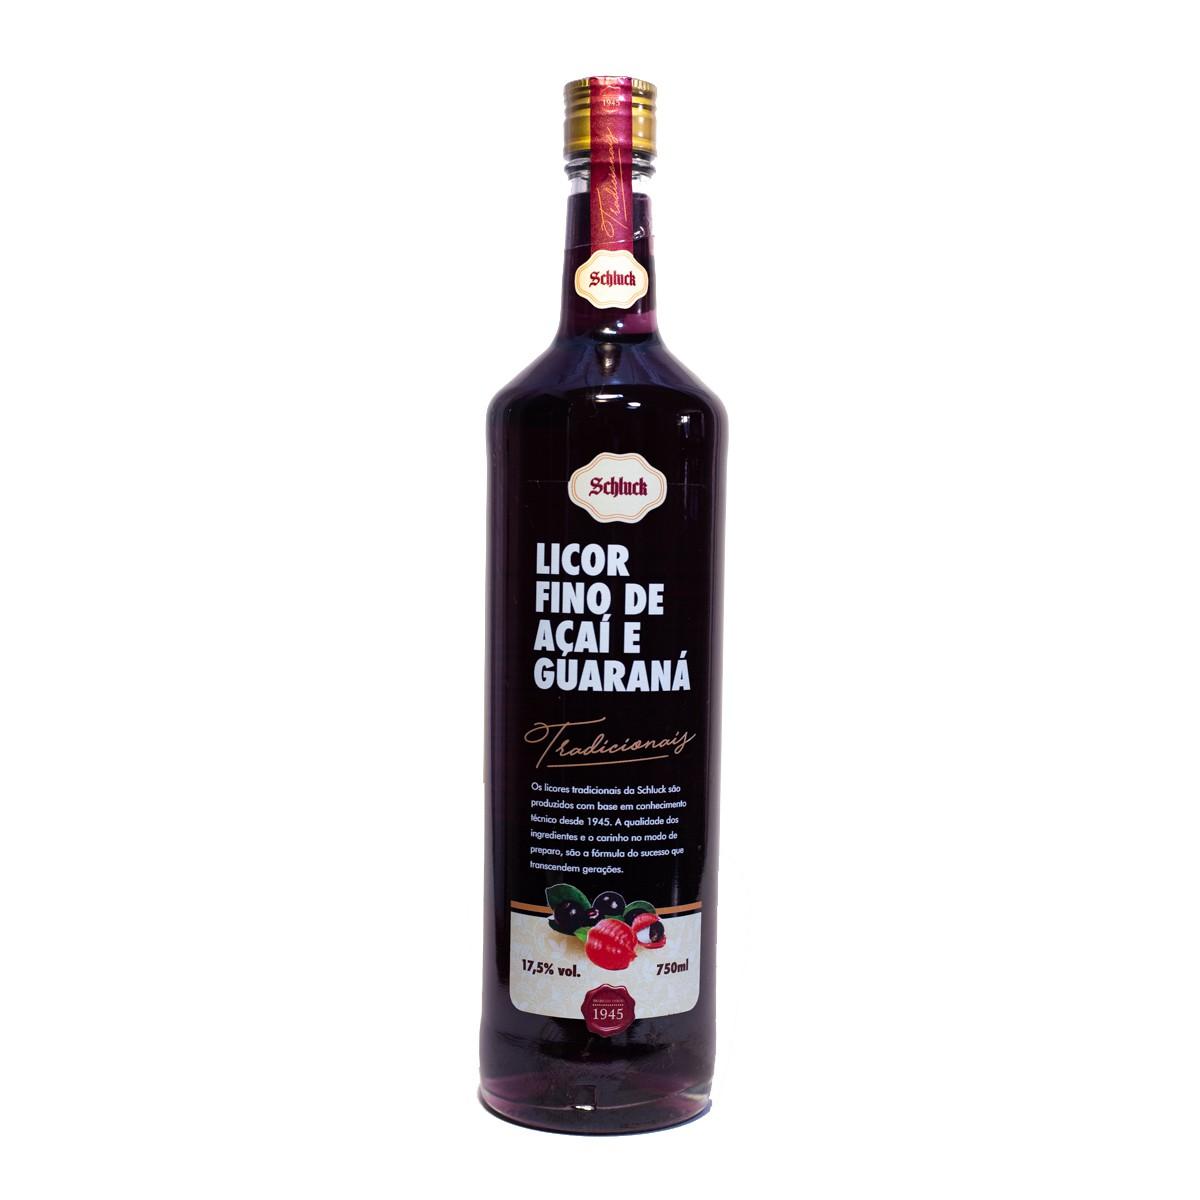 Licor Fino de Açaí com Guaraná - Schluck - 750 ml